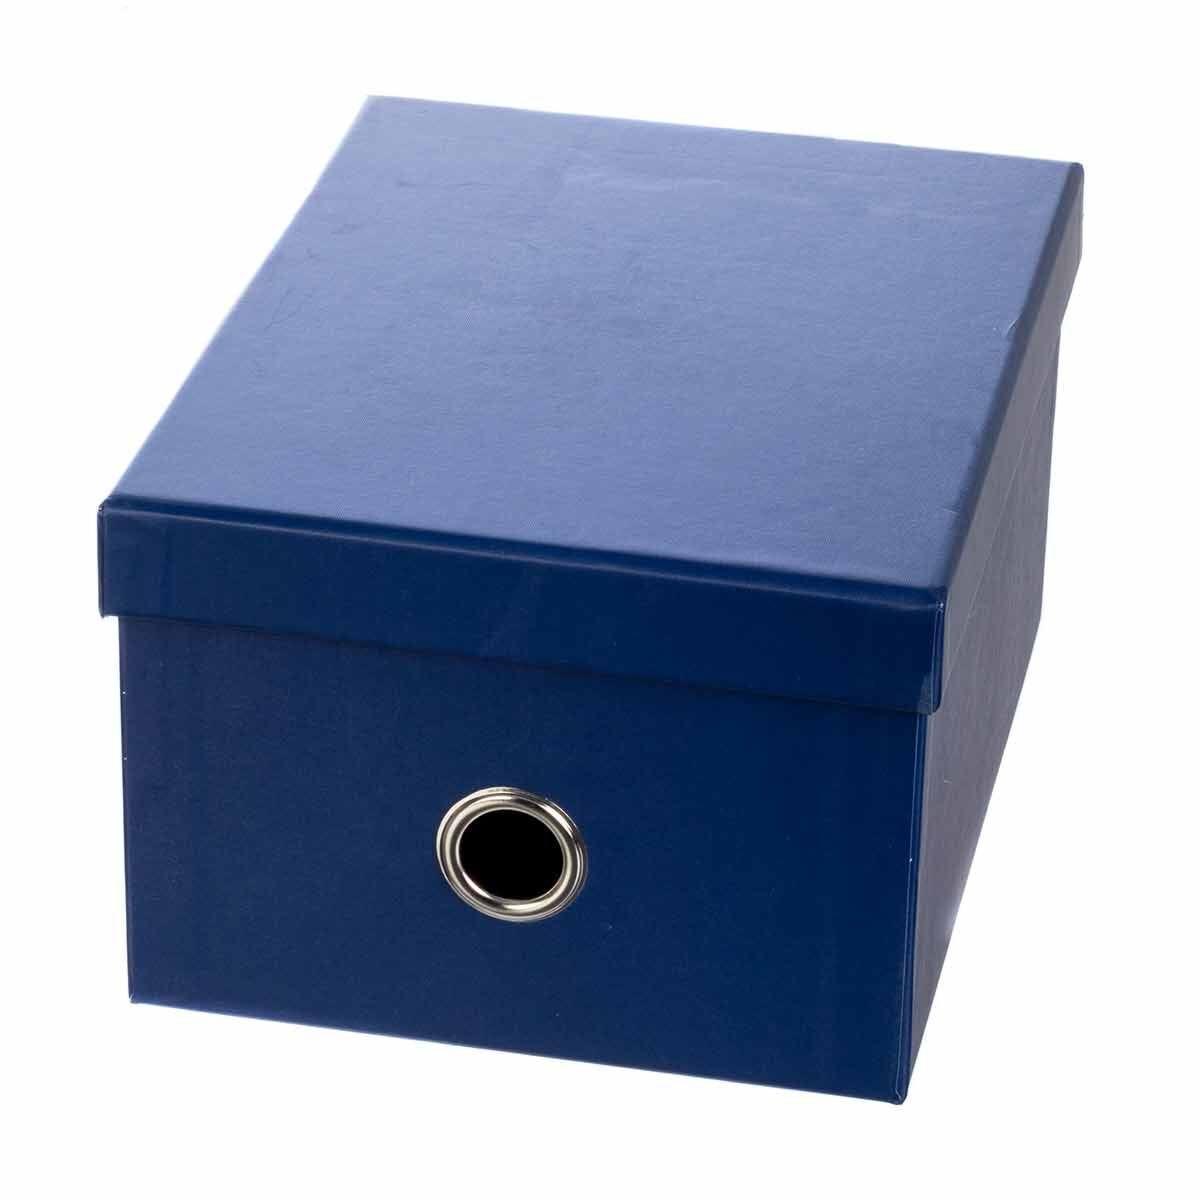 Ryman Storage Box Medium Navy Blue